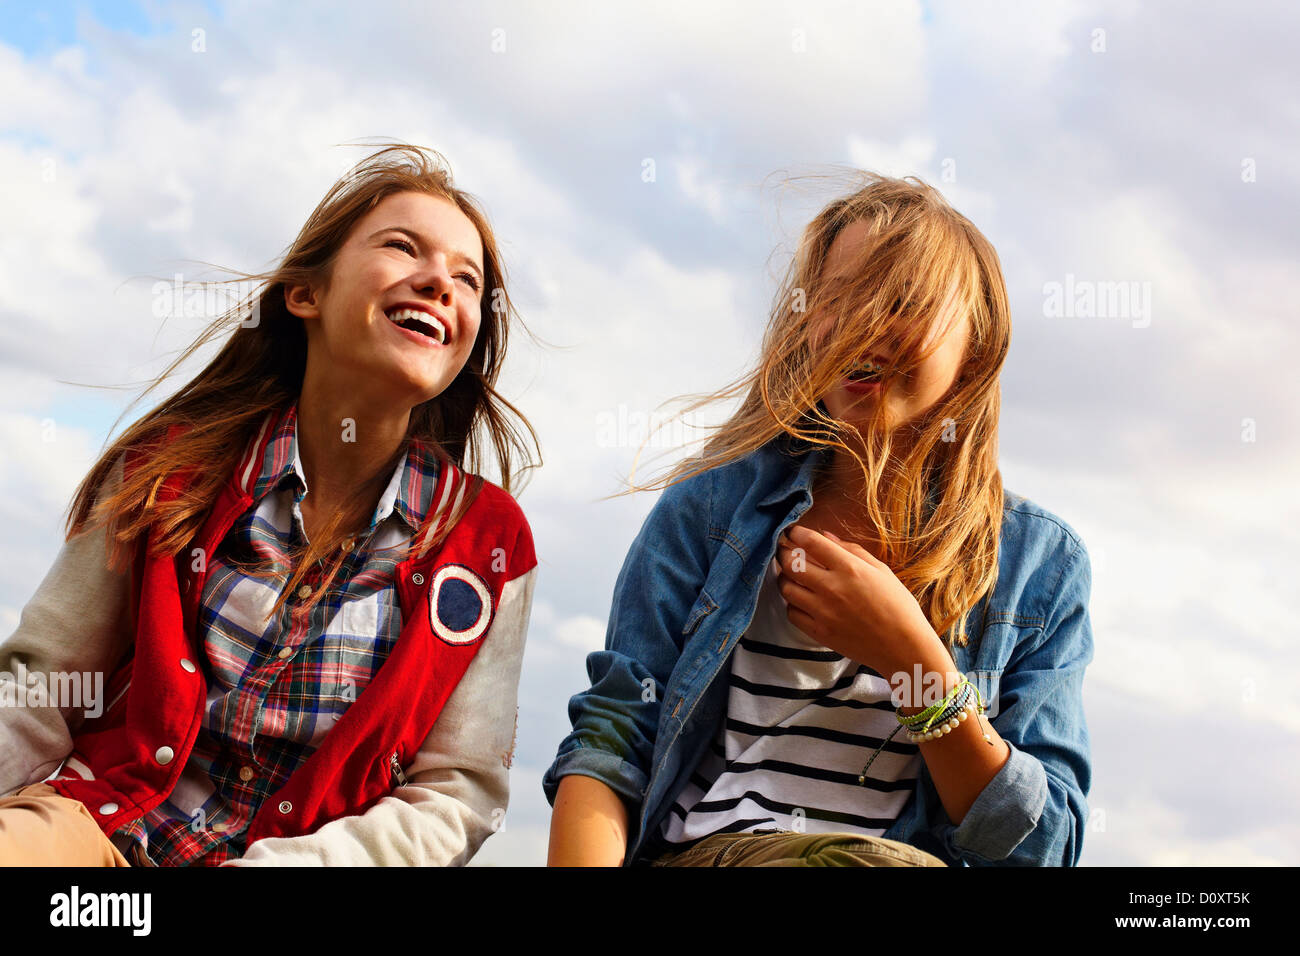 Glückliche Mädchen im Teenageralter Stockbild